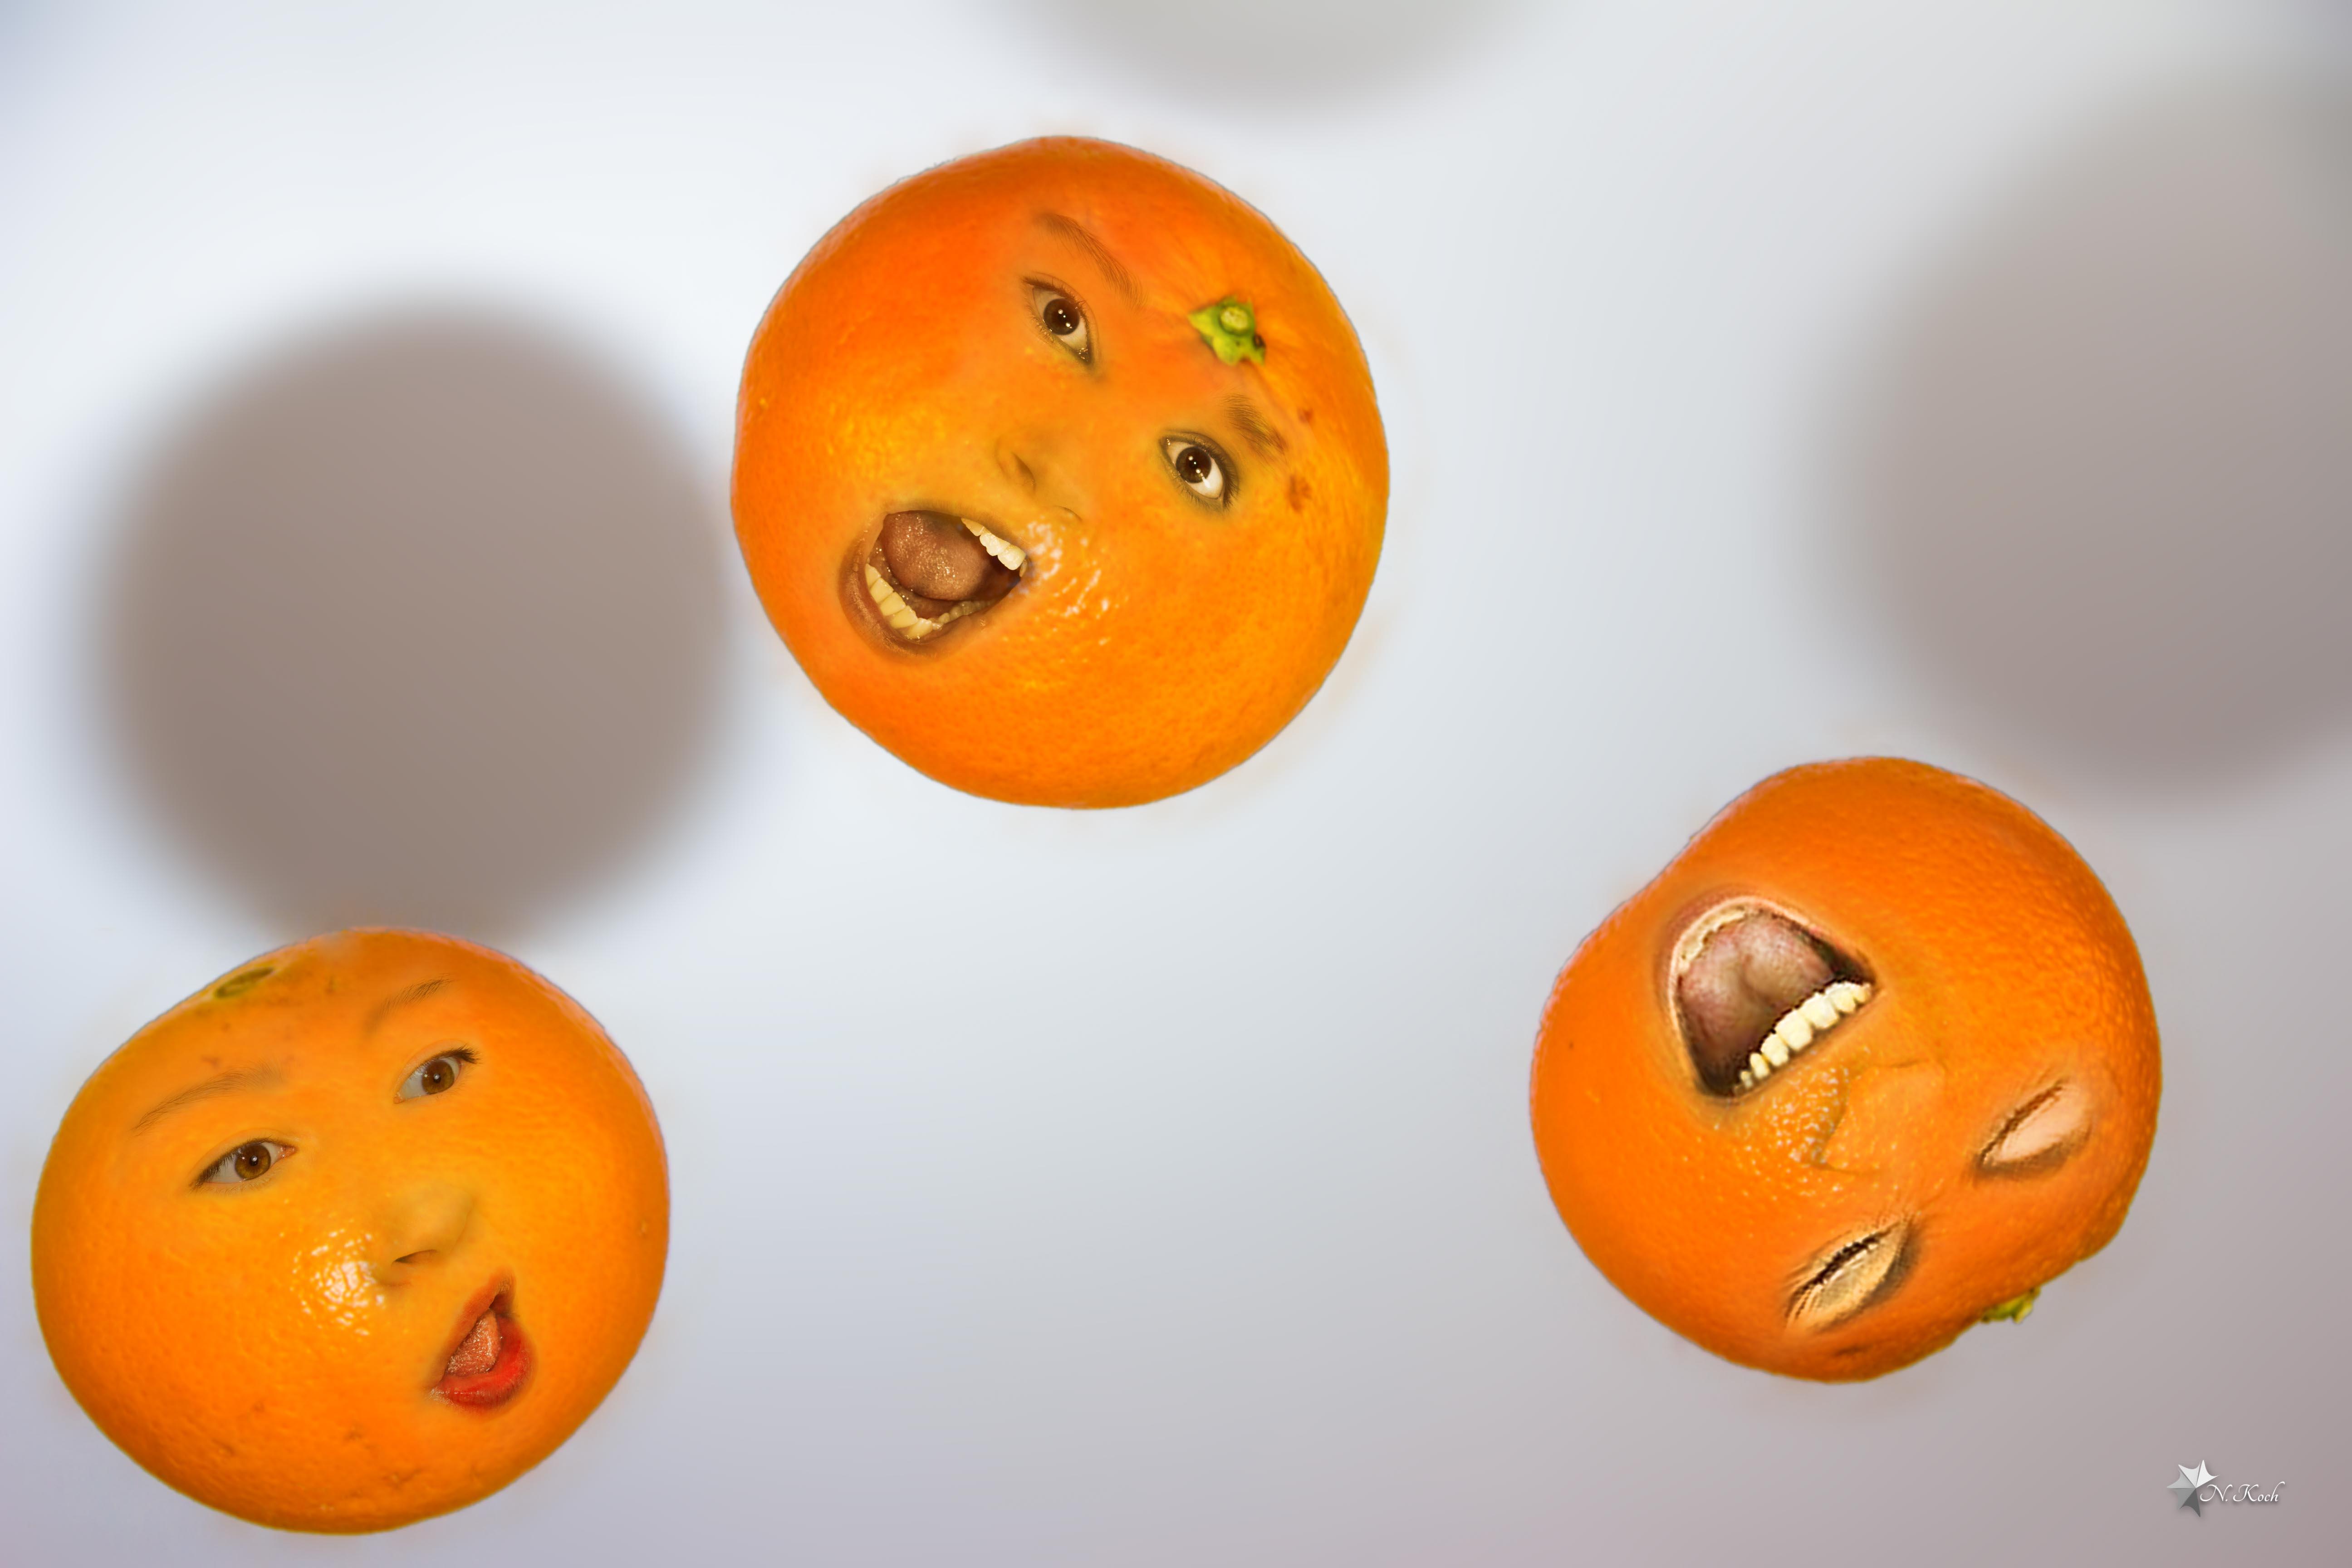 2014, Oranges | Crying oranges